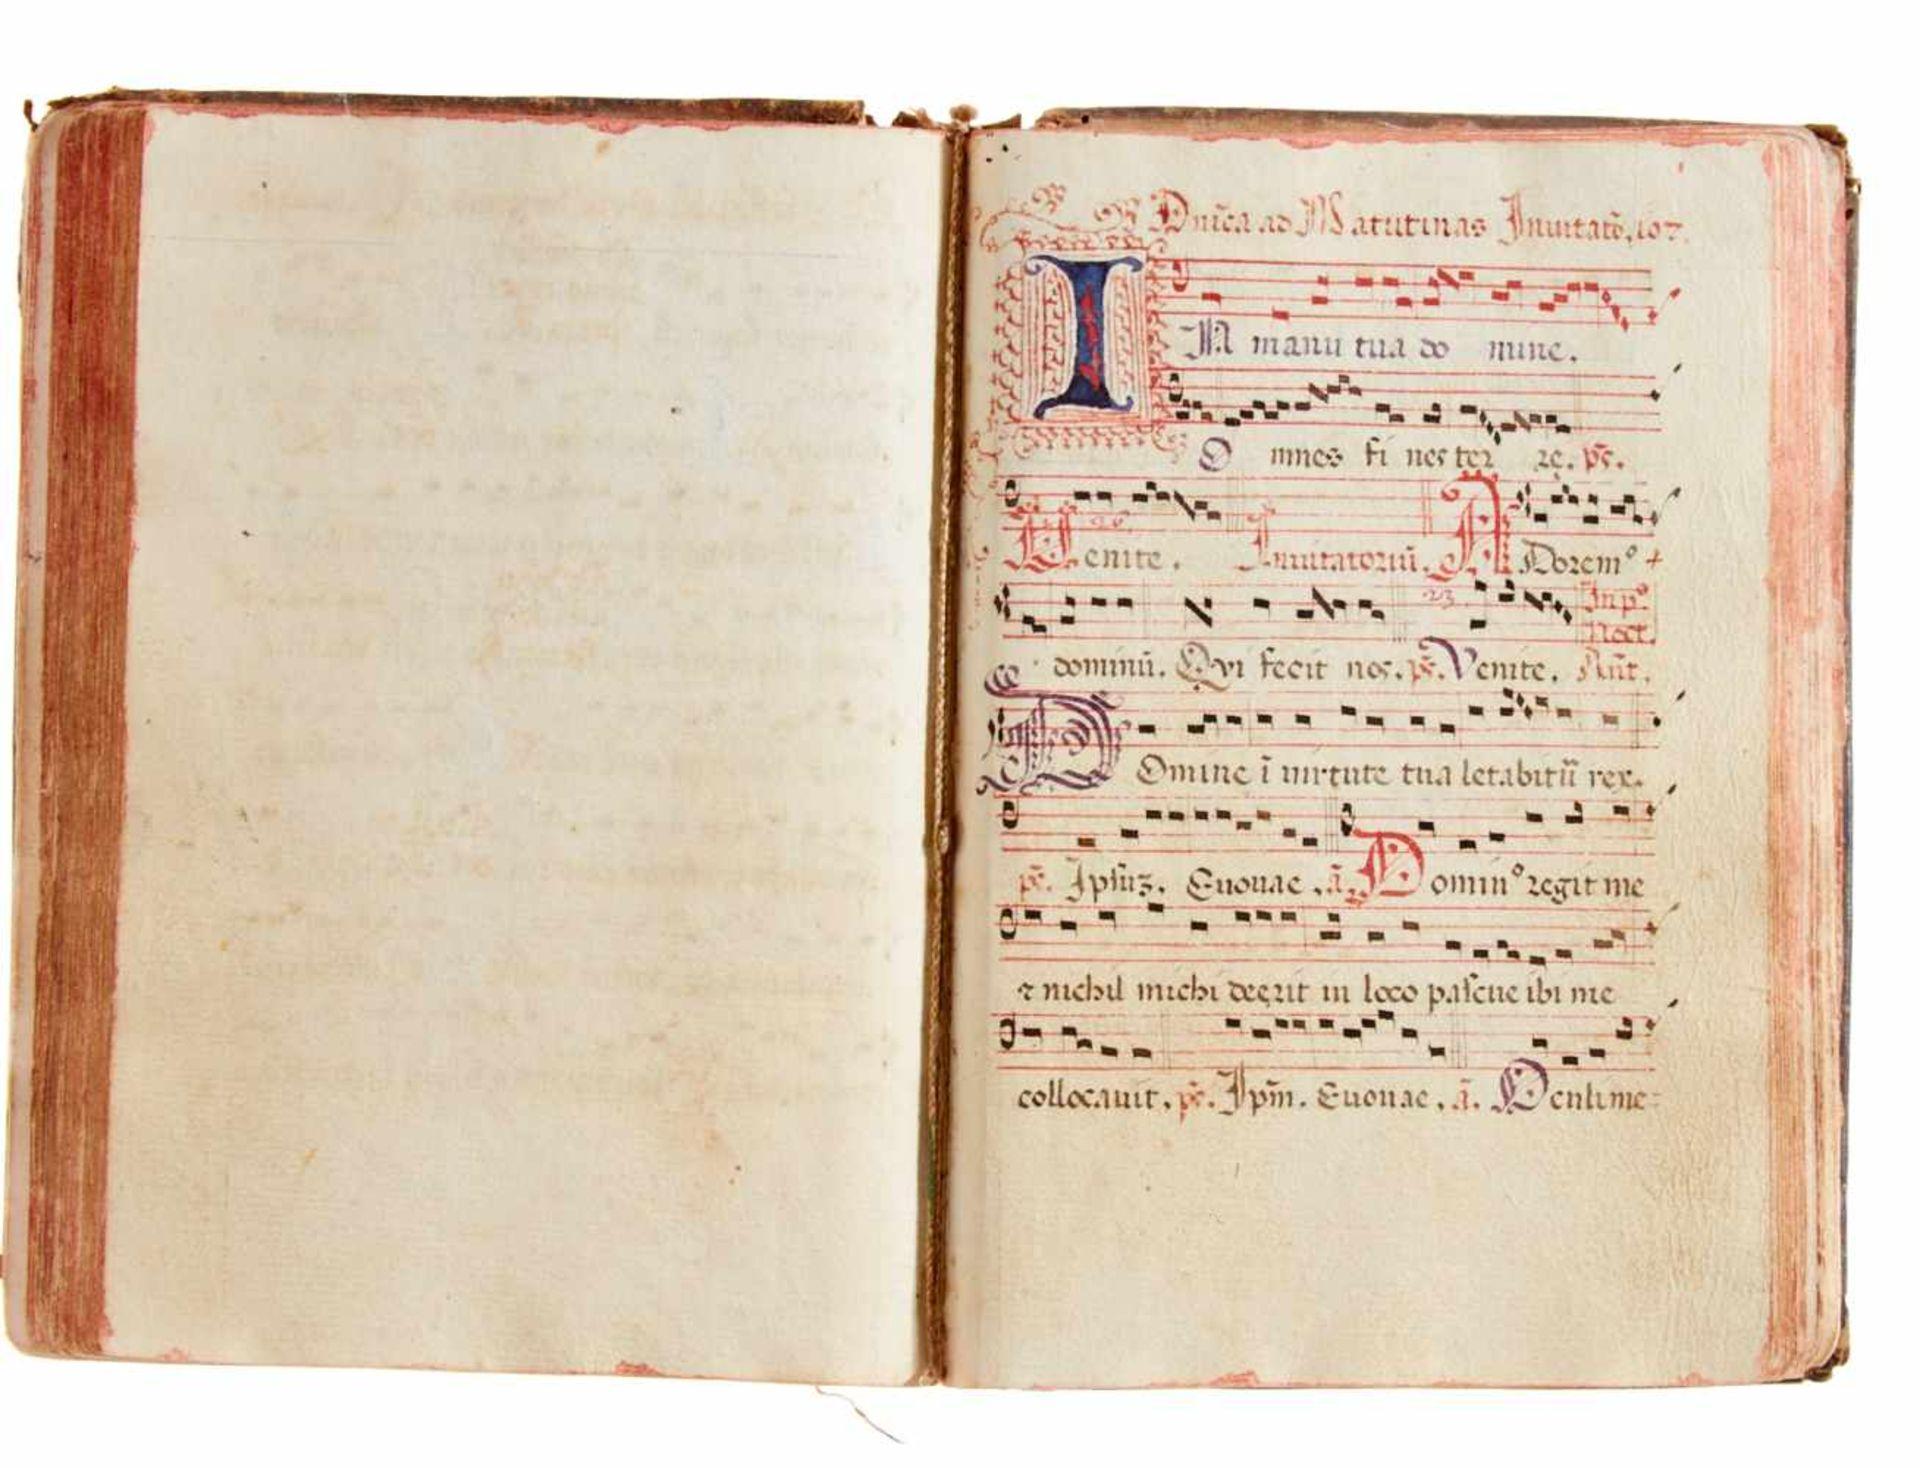 Siena- Antiphonar der Kartause Maggiano. Lateinische Handschrift auf Papier.Dat. Maggiano (Siena), - Bild 7 aus 7